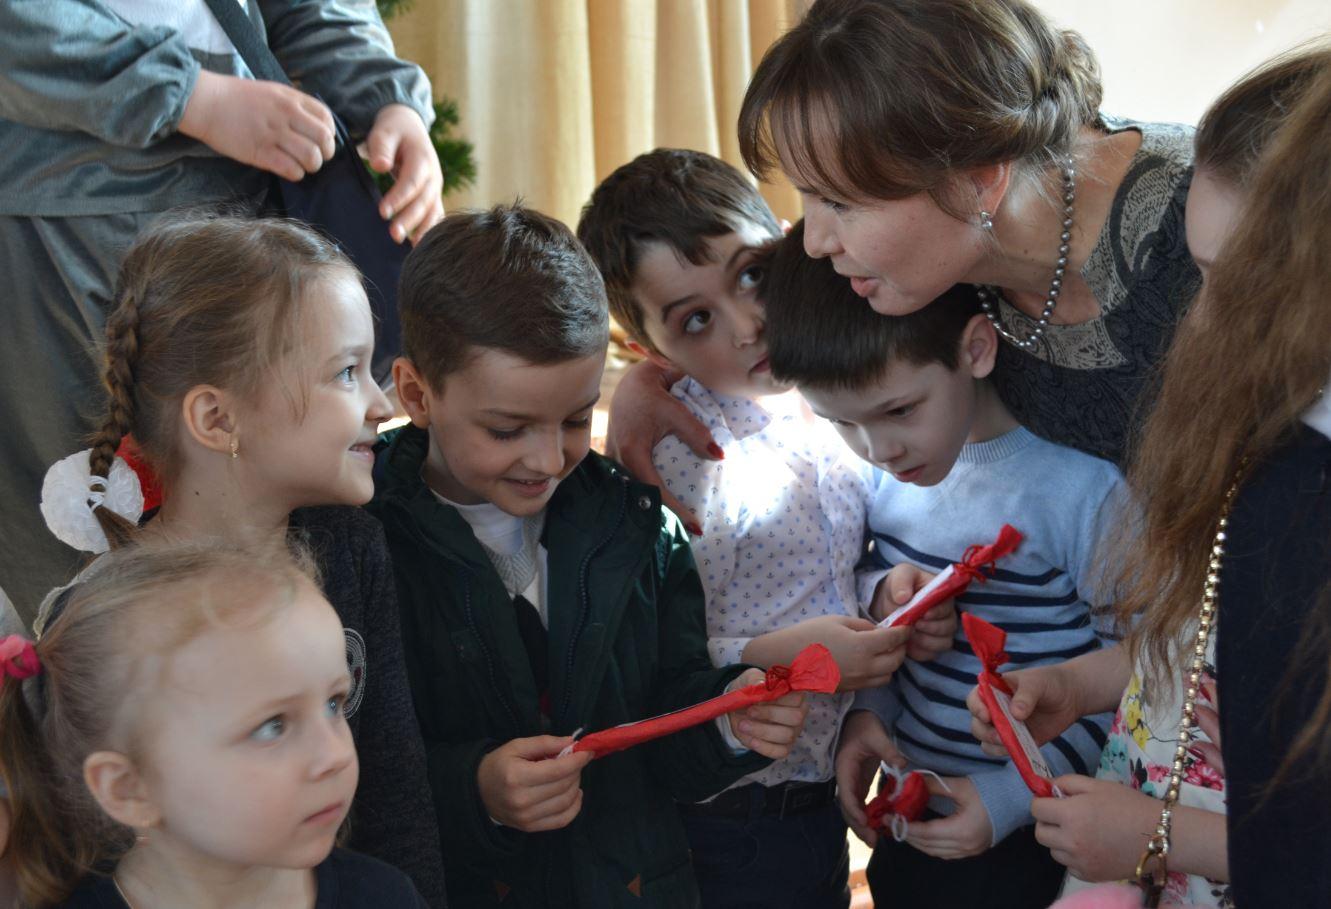 Viorica CUCER de la 1 septembrie va deveni prima învățătoare pentru acești copii curioși